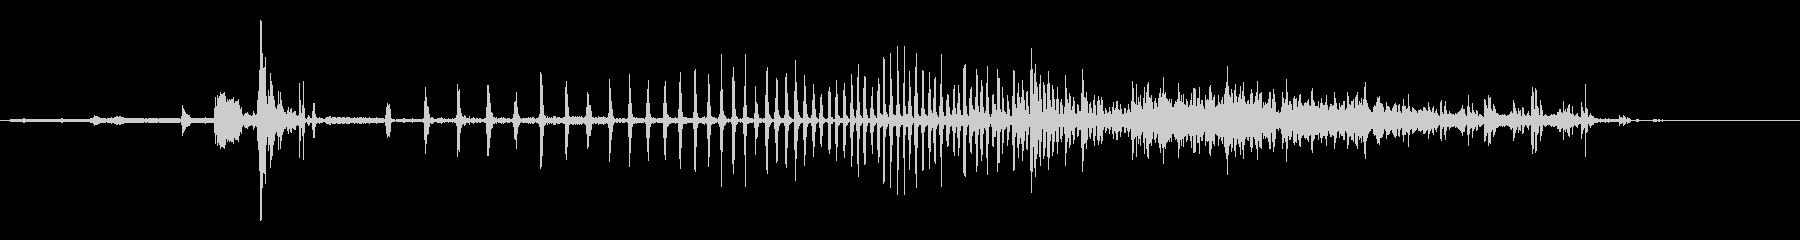 蒸気、外部:駅からコミックフリクシ...の未再生の波形